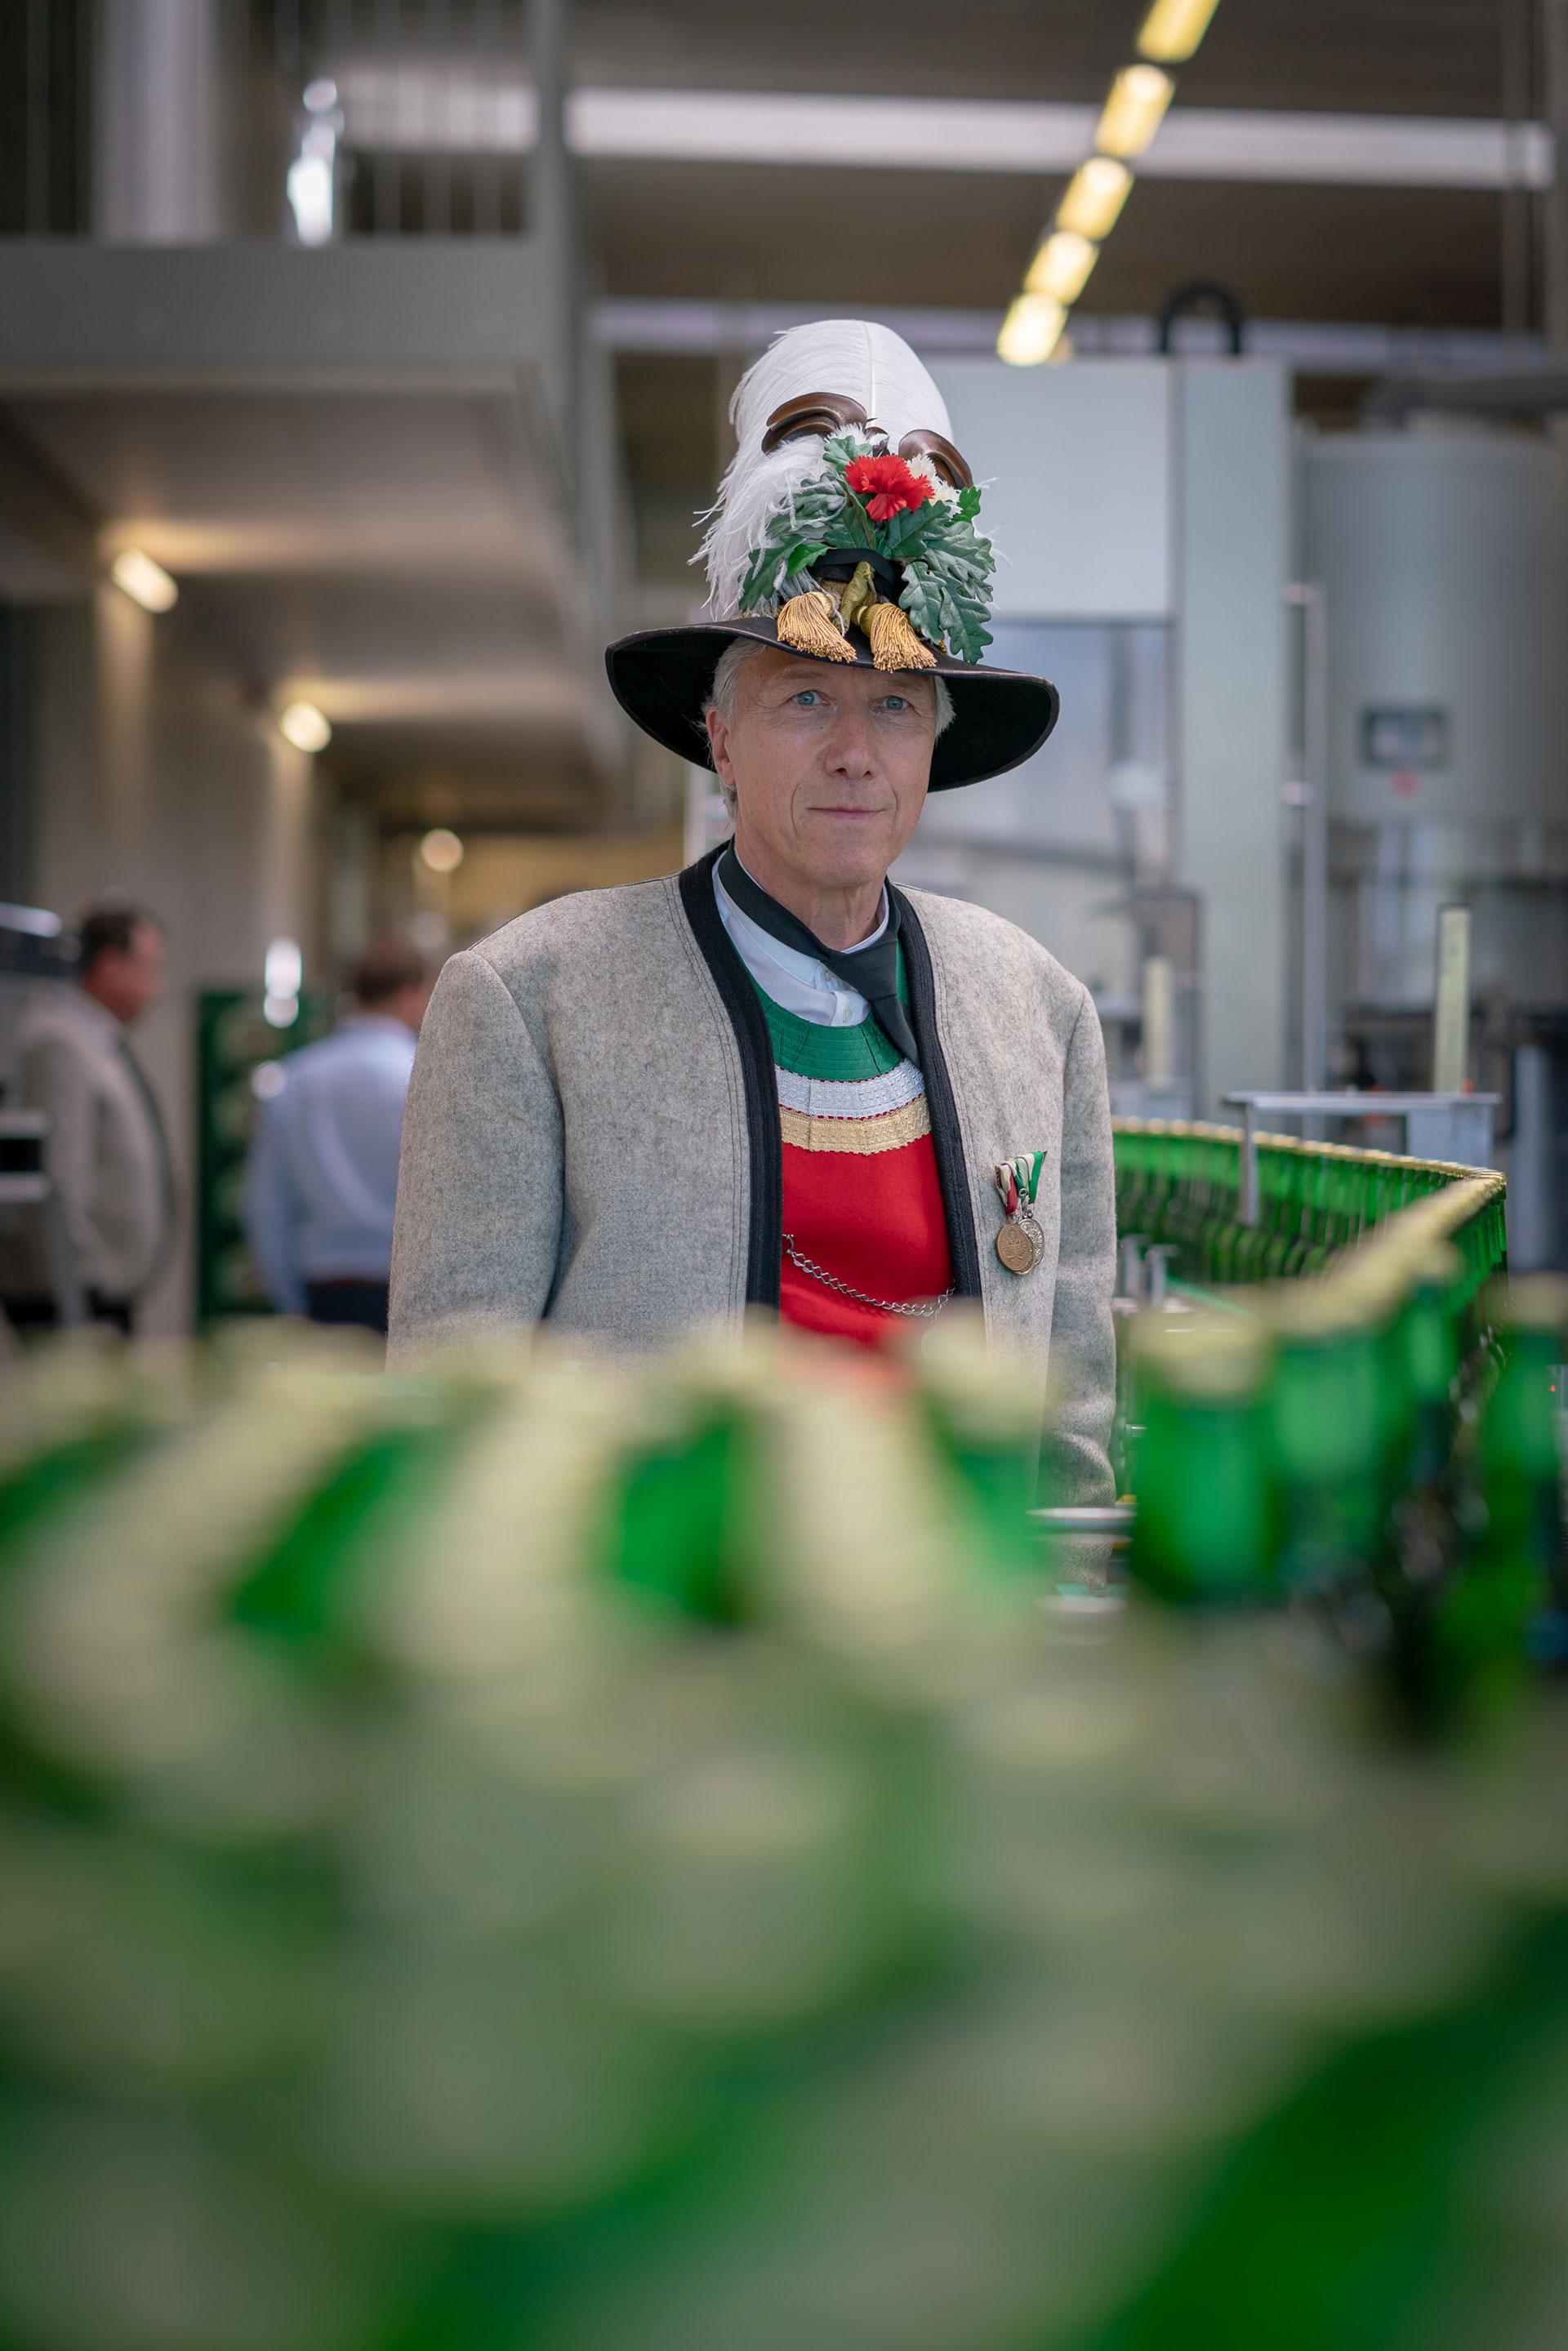 Alpenregionstreffen 2020: Vorfreude auf Schützenfest im Passeiertal